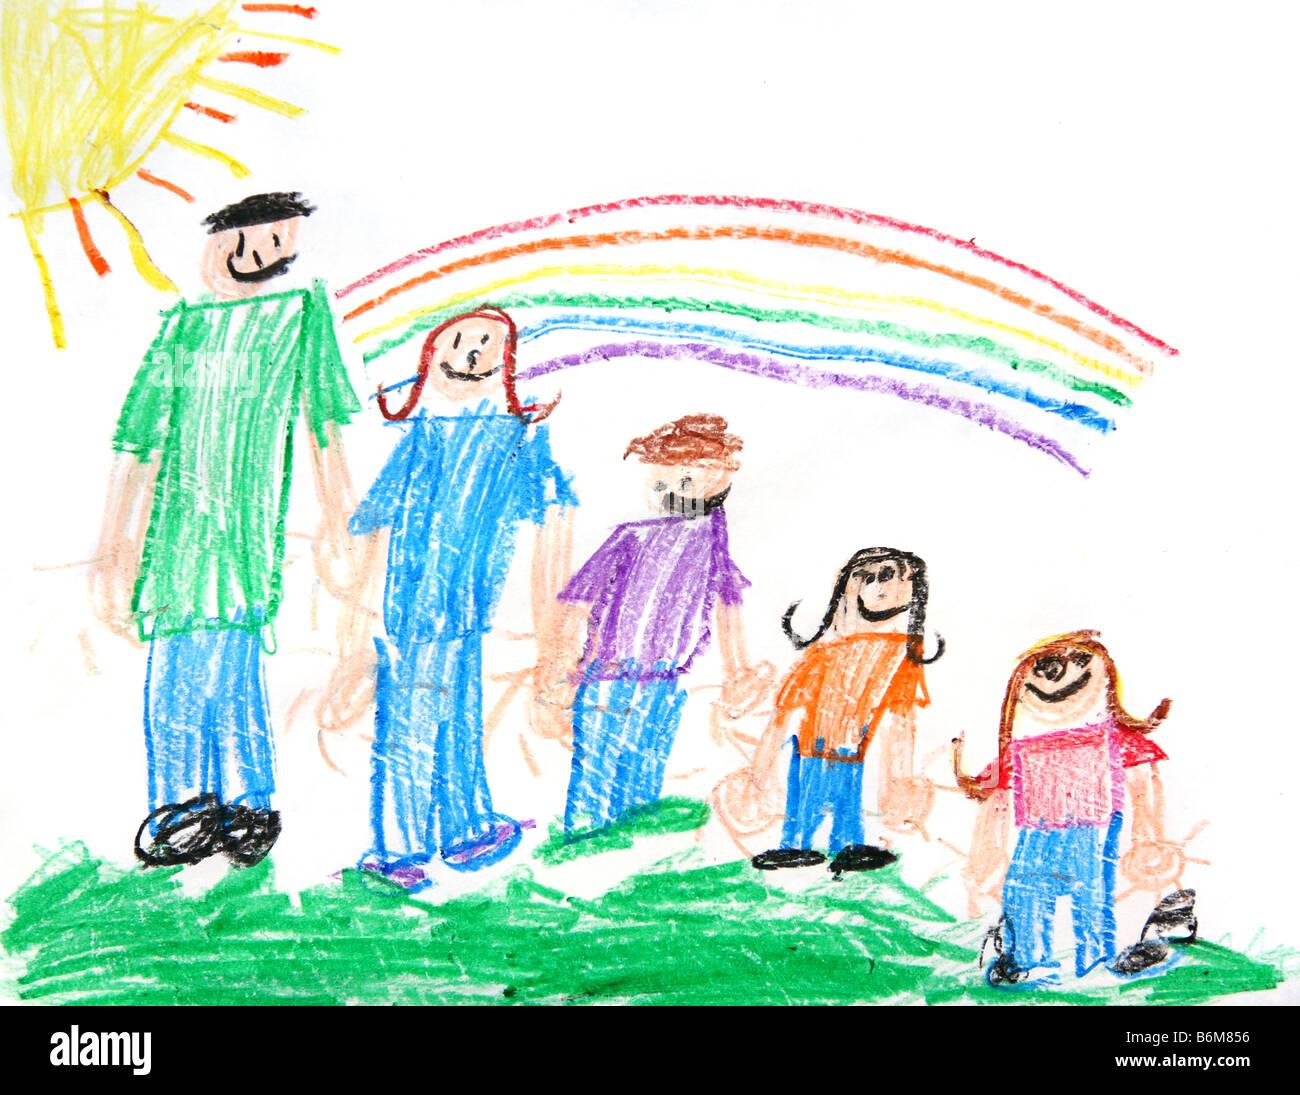 Dessin Crayon primitif Childs d'une famille de 5 personnes avec un arc-en-ciel et soleil Photo Stock